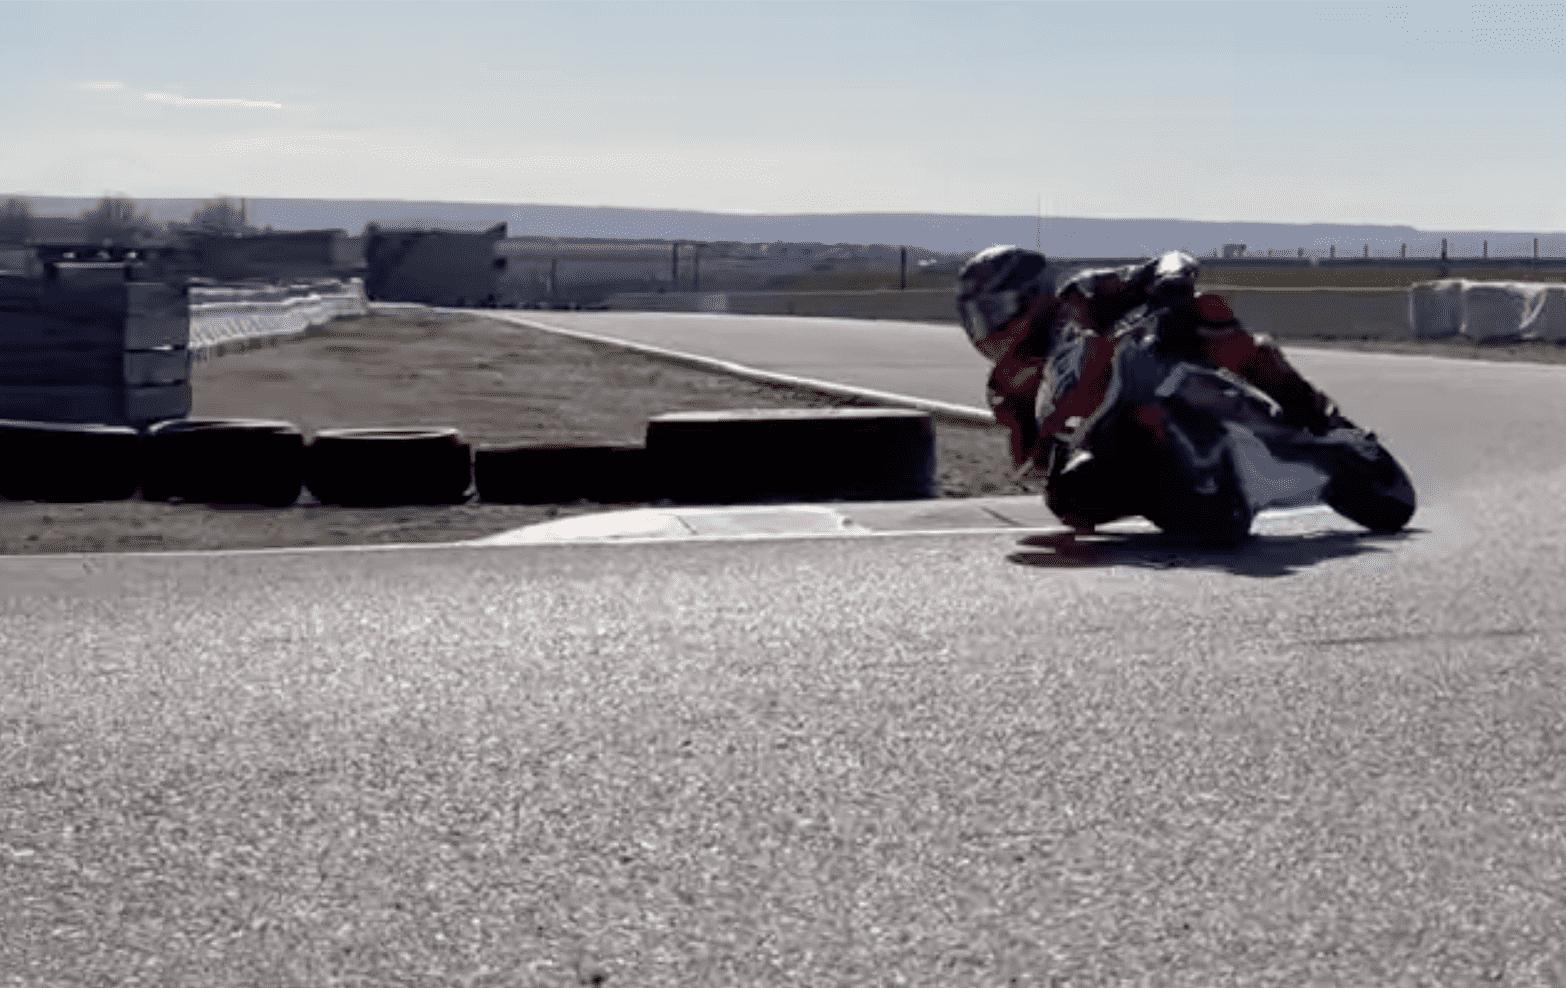 マルク・マルケス「ミニバイクとは言え、バイクを操る感覚を思い出した」